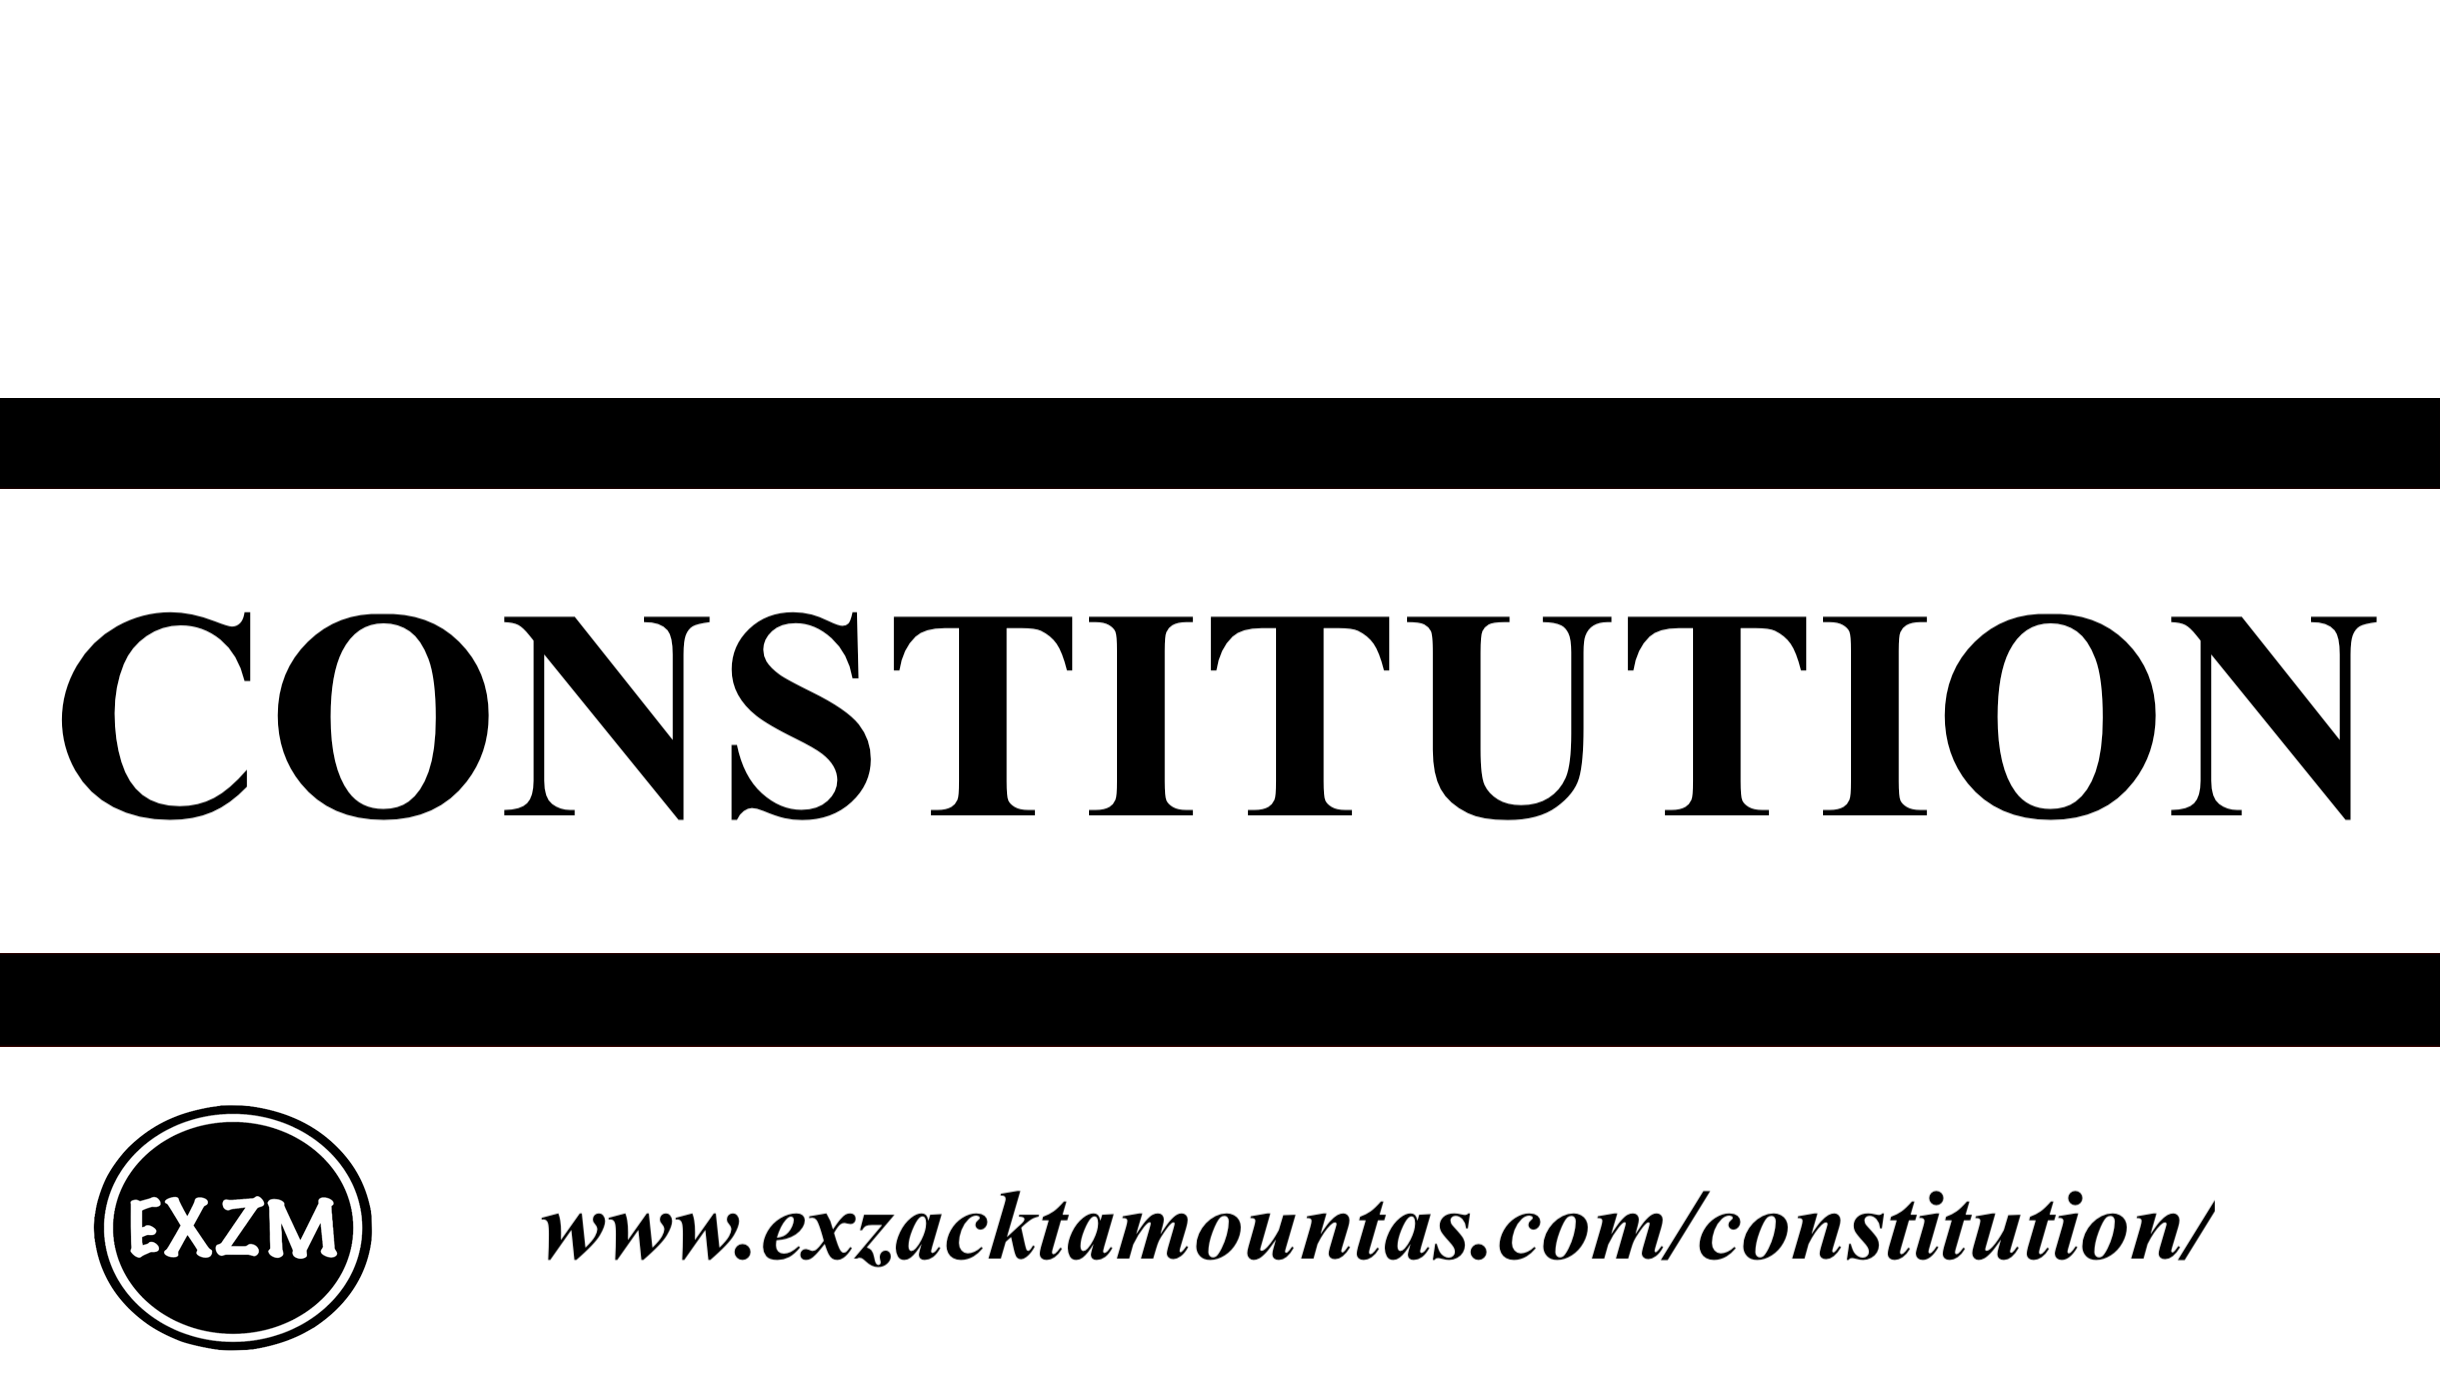 CONSTITUTION EXZM 9 30 2019